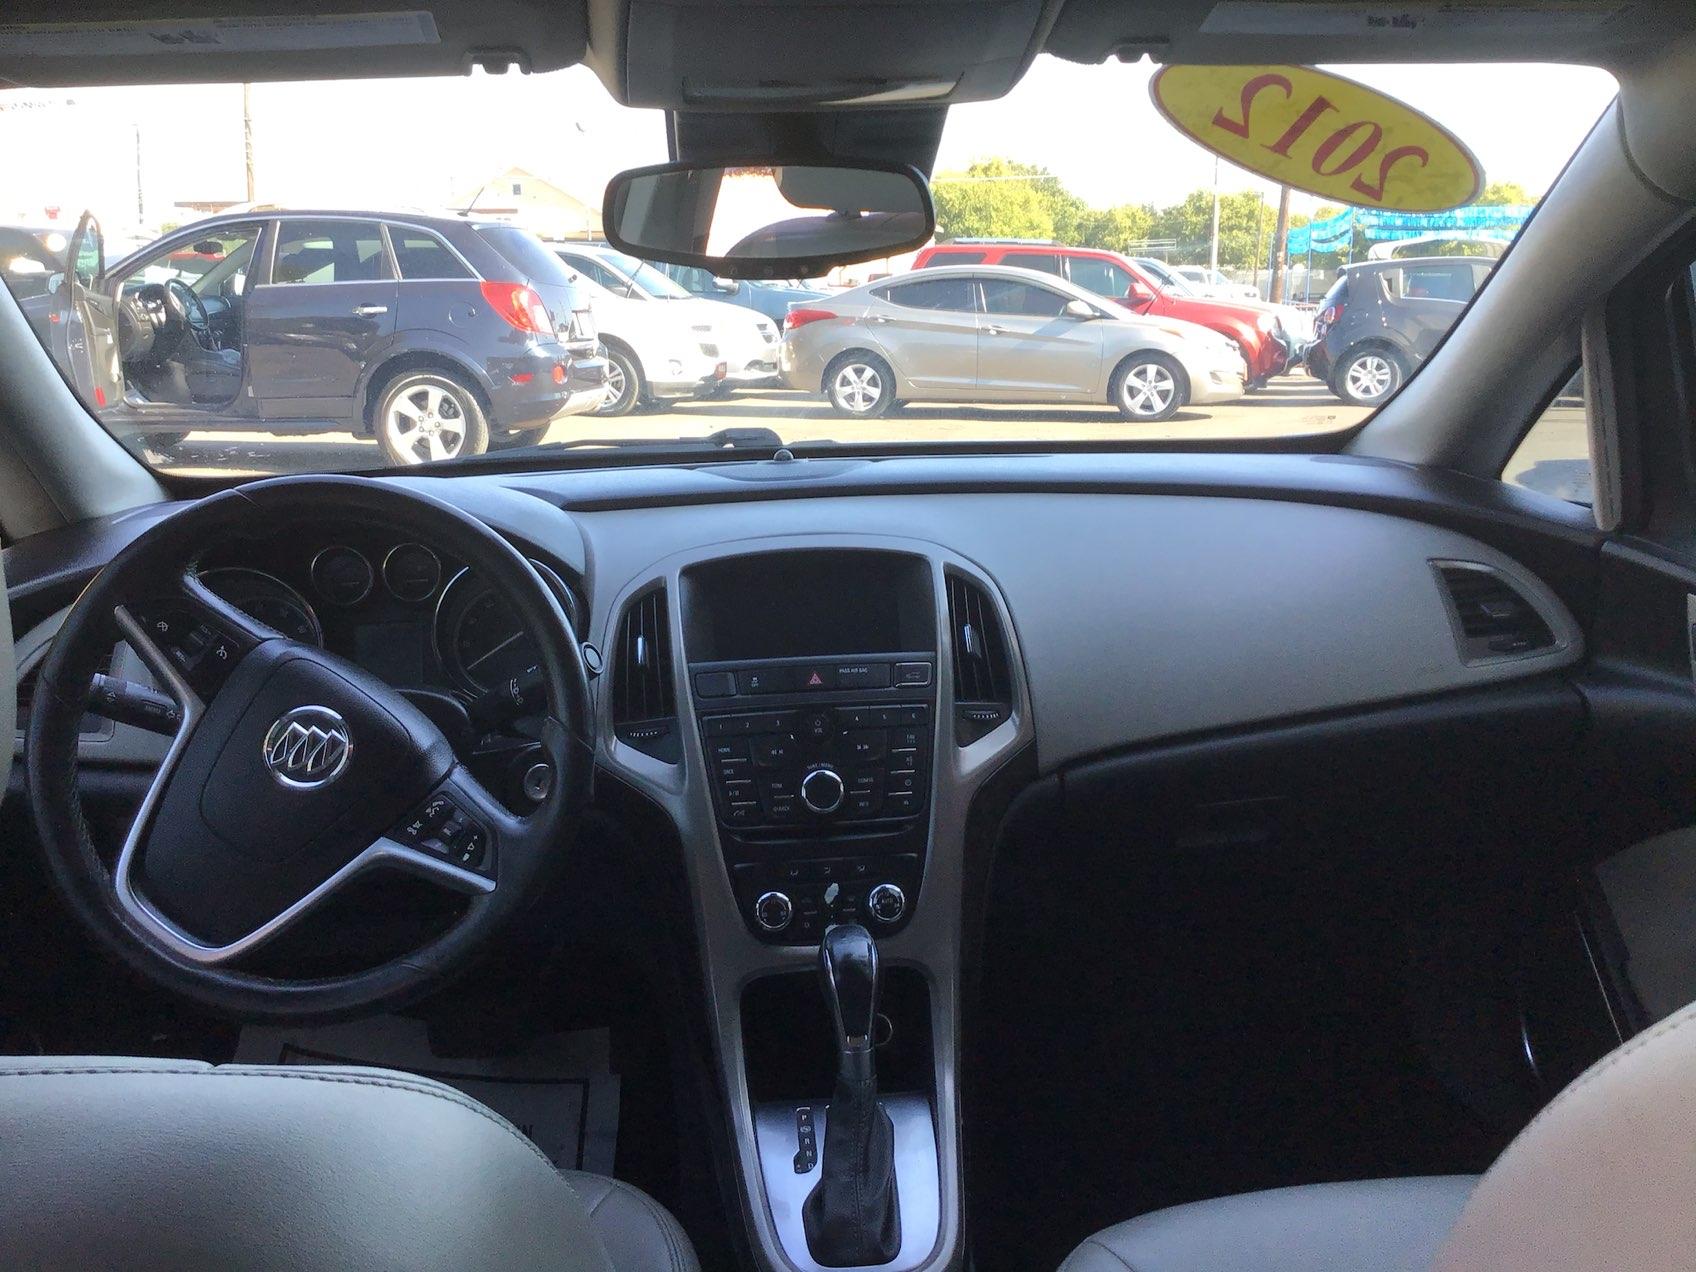 used vehicle - Sedan BUICK VERANO 2012